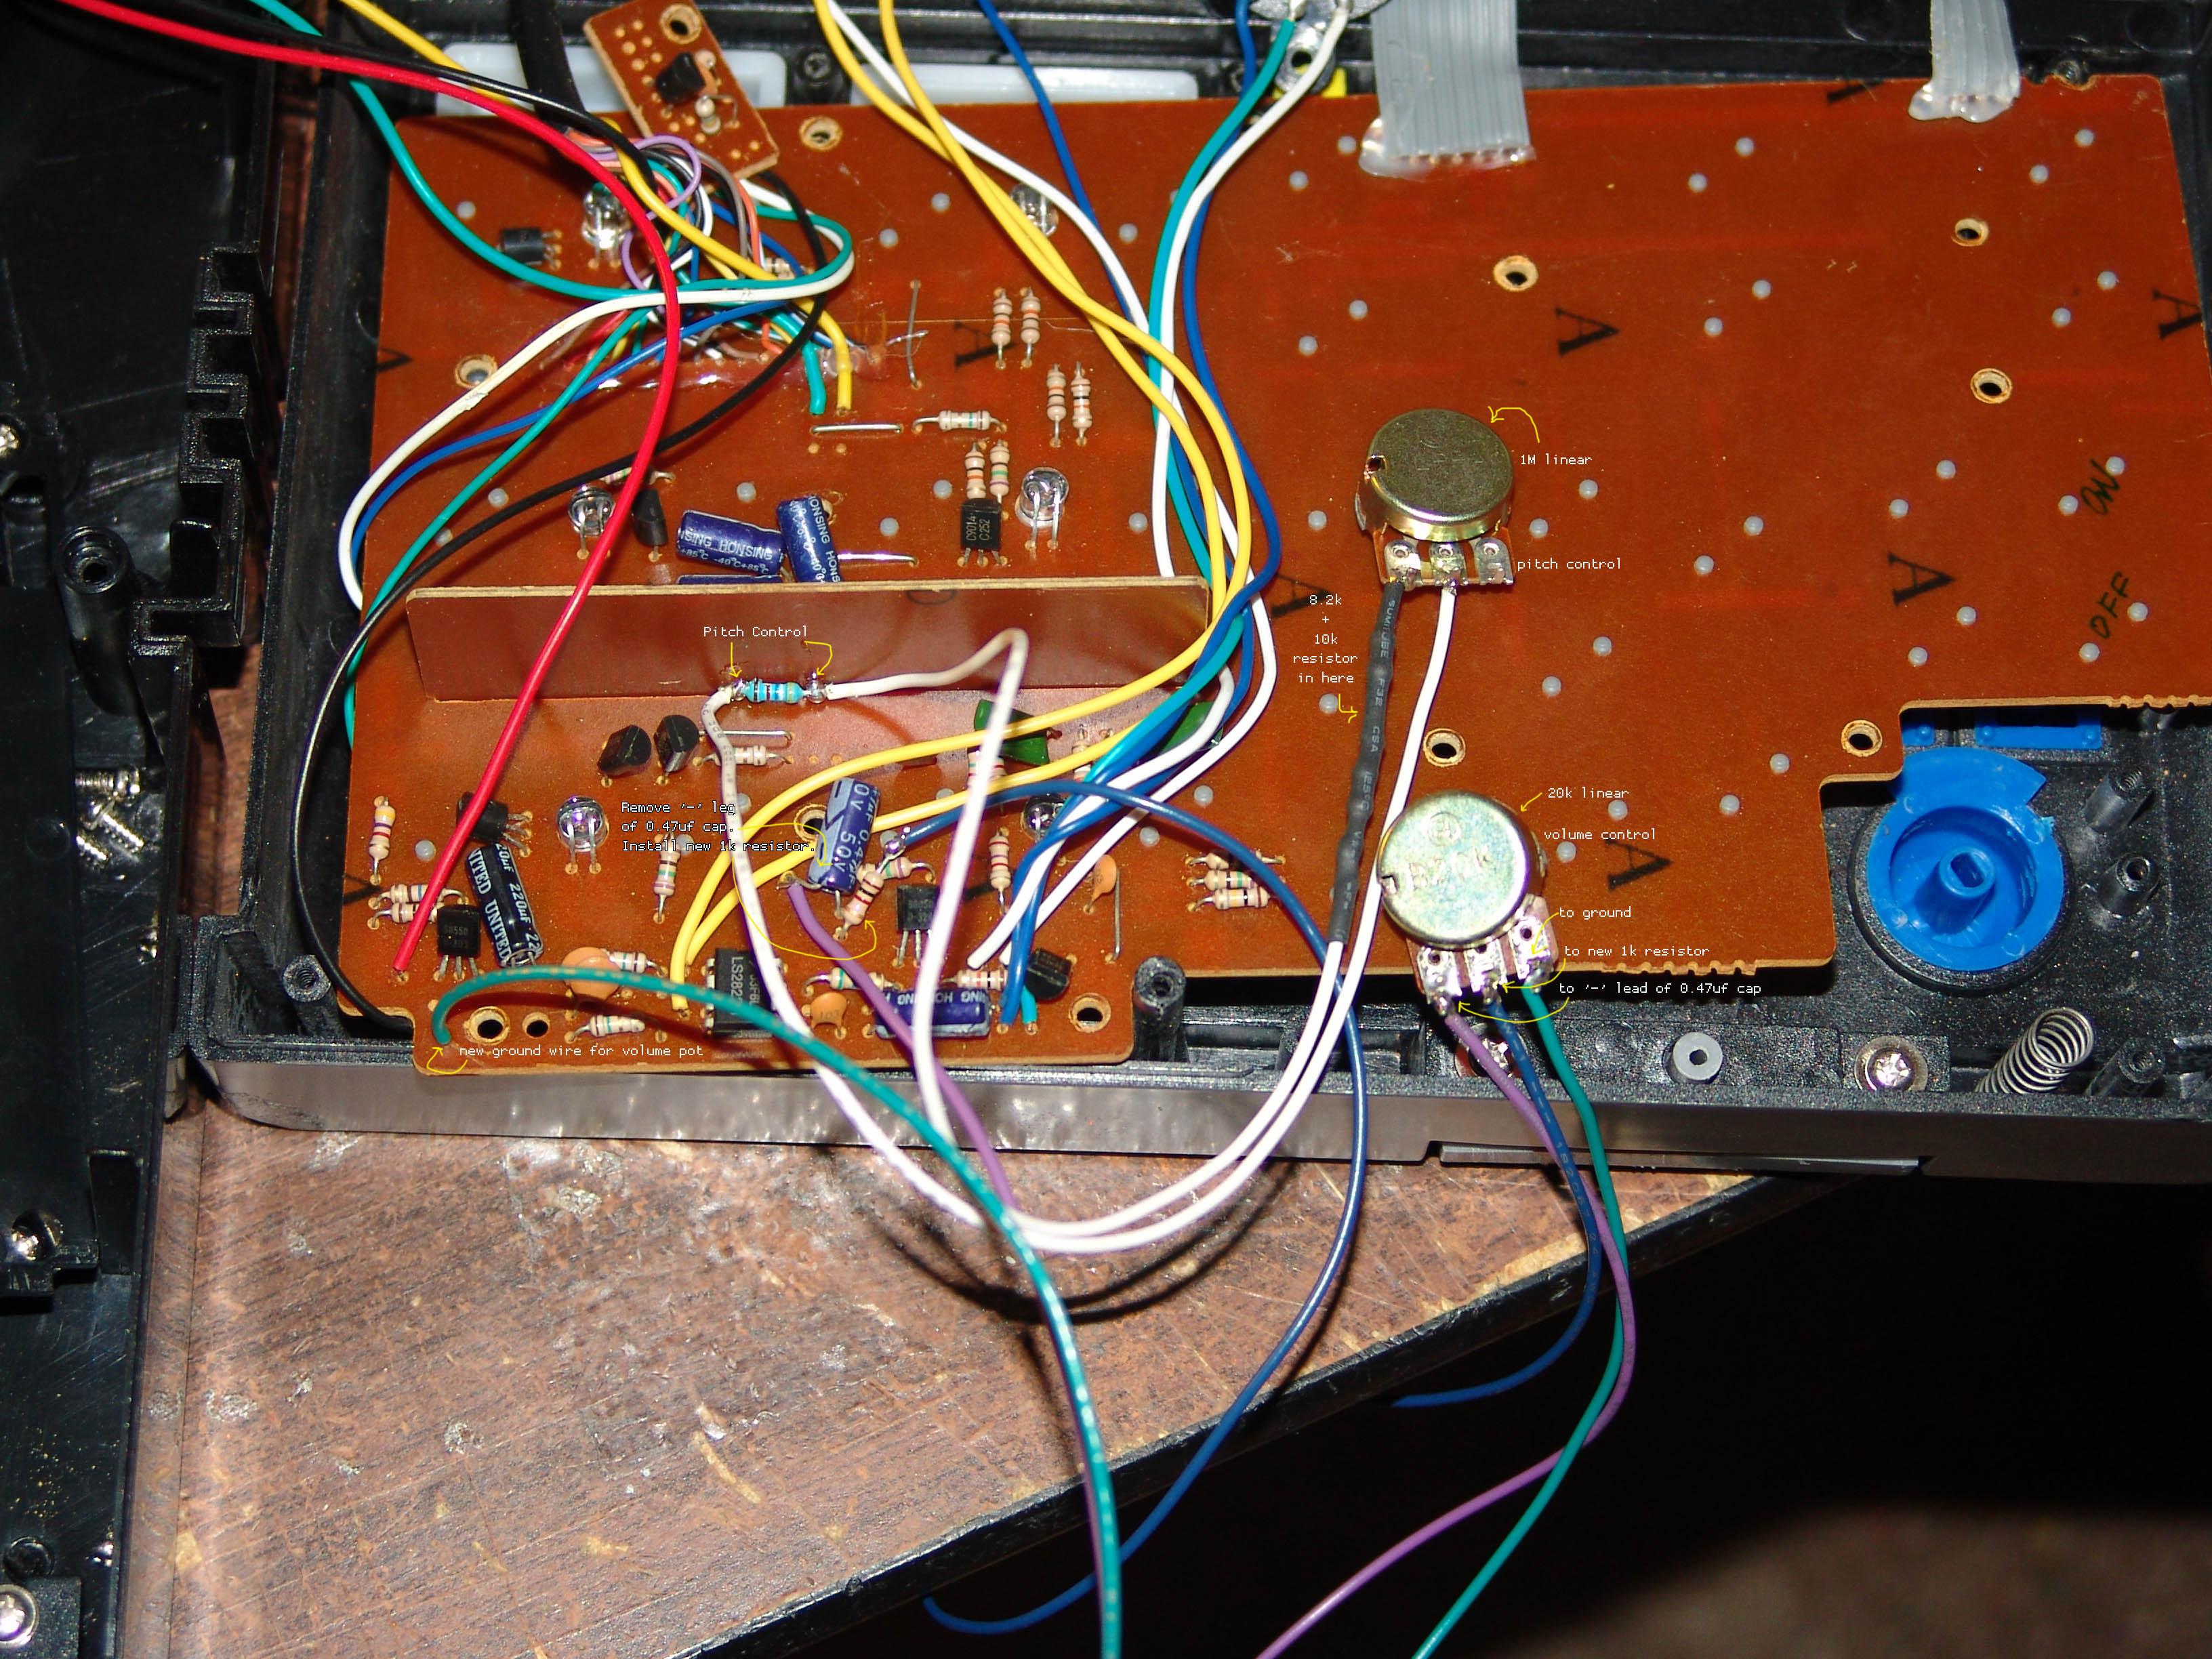 Circuitbending